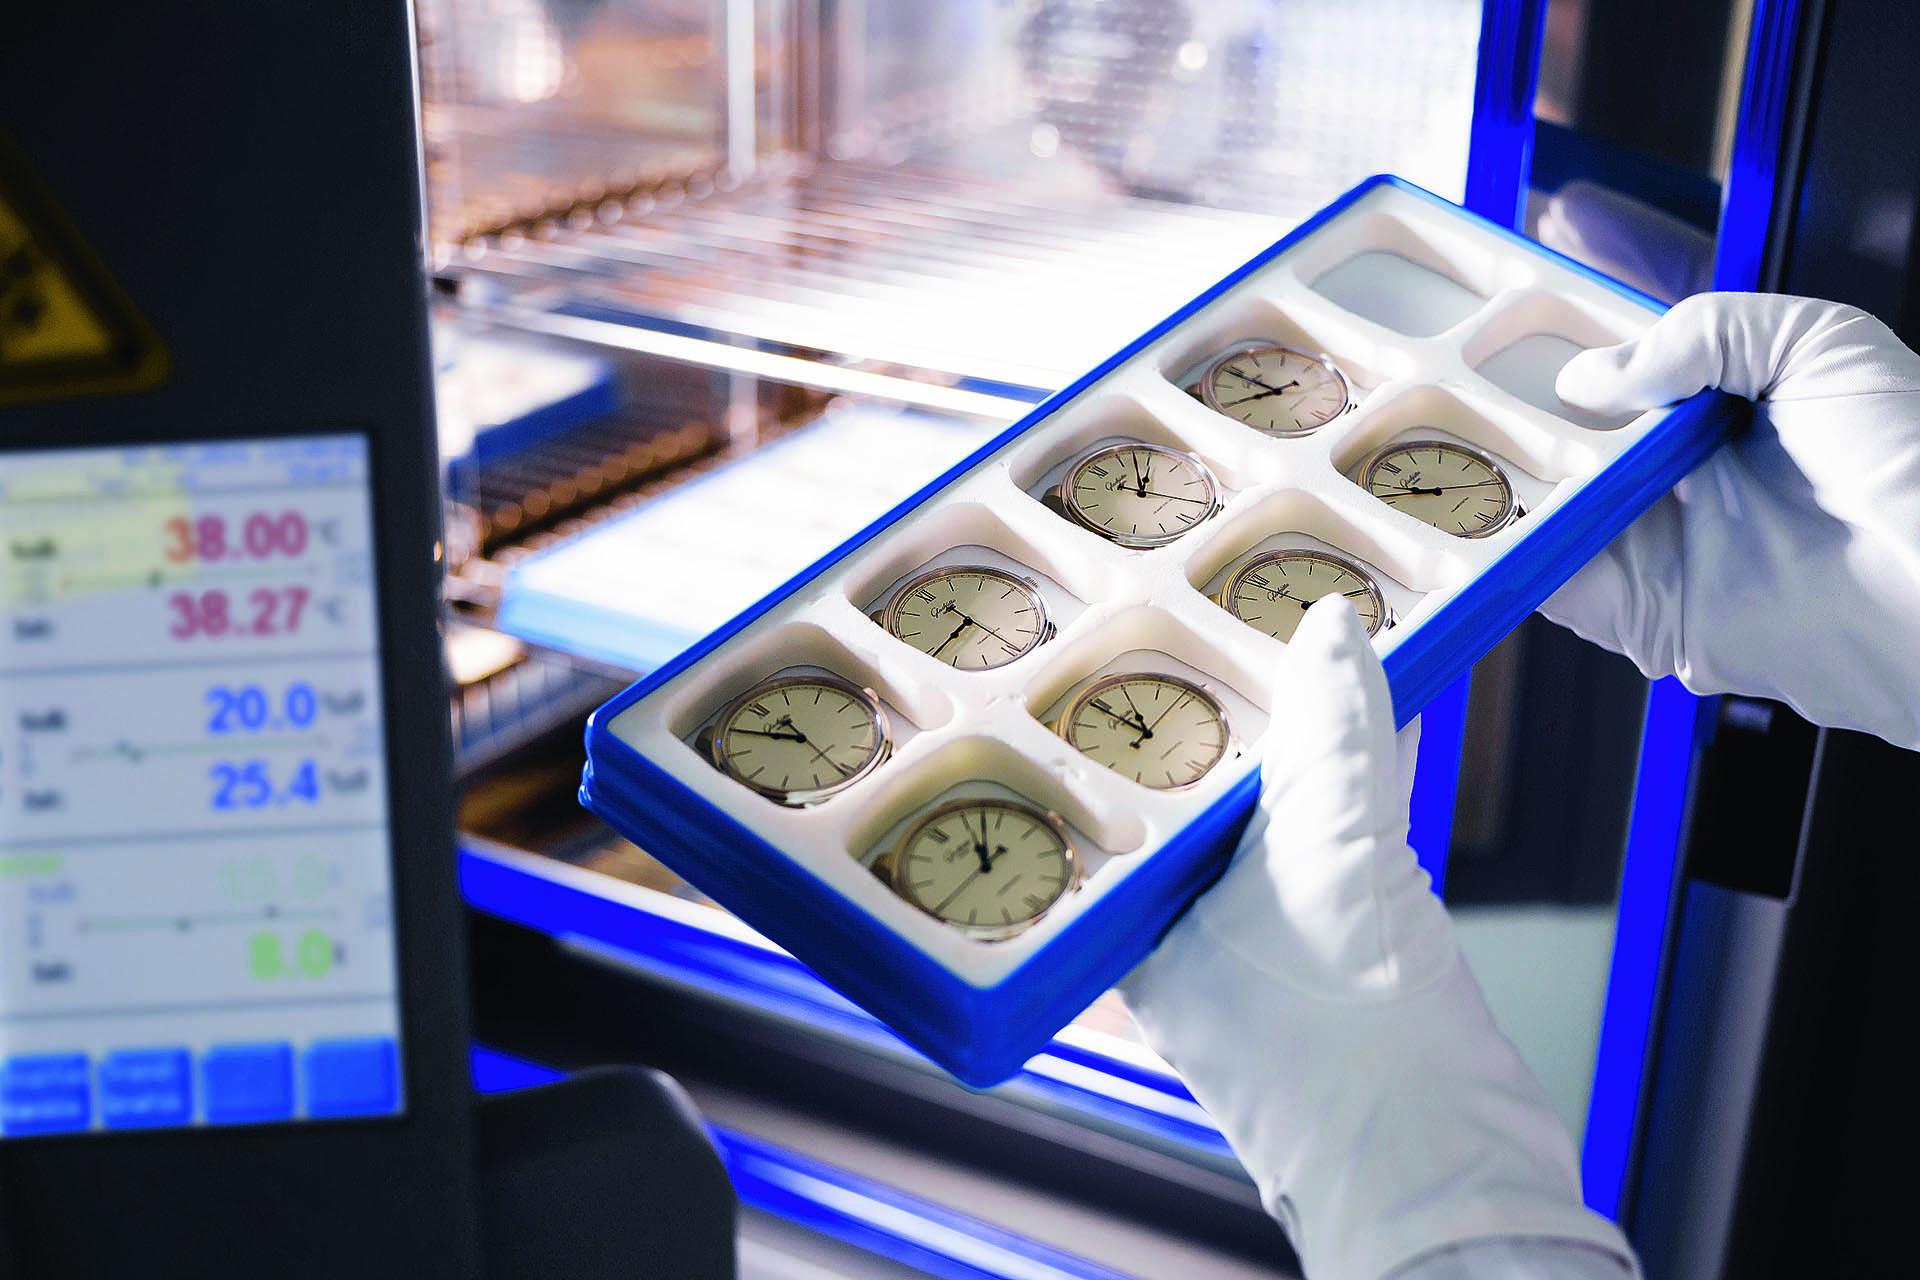 Glashütte Original Qualitätskontrolle